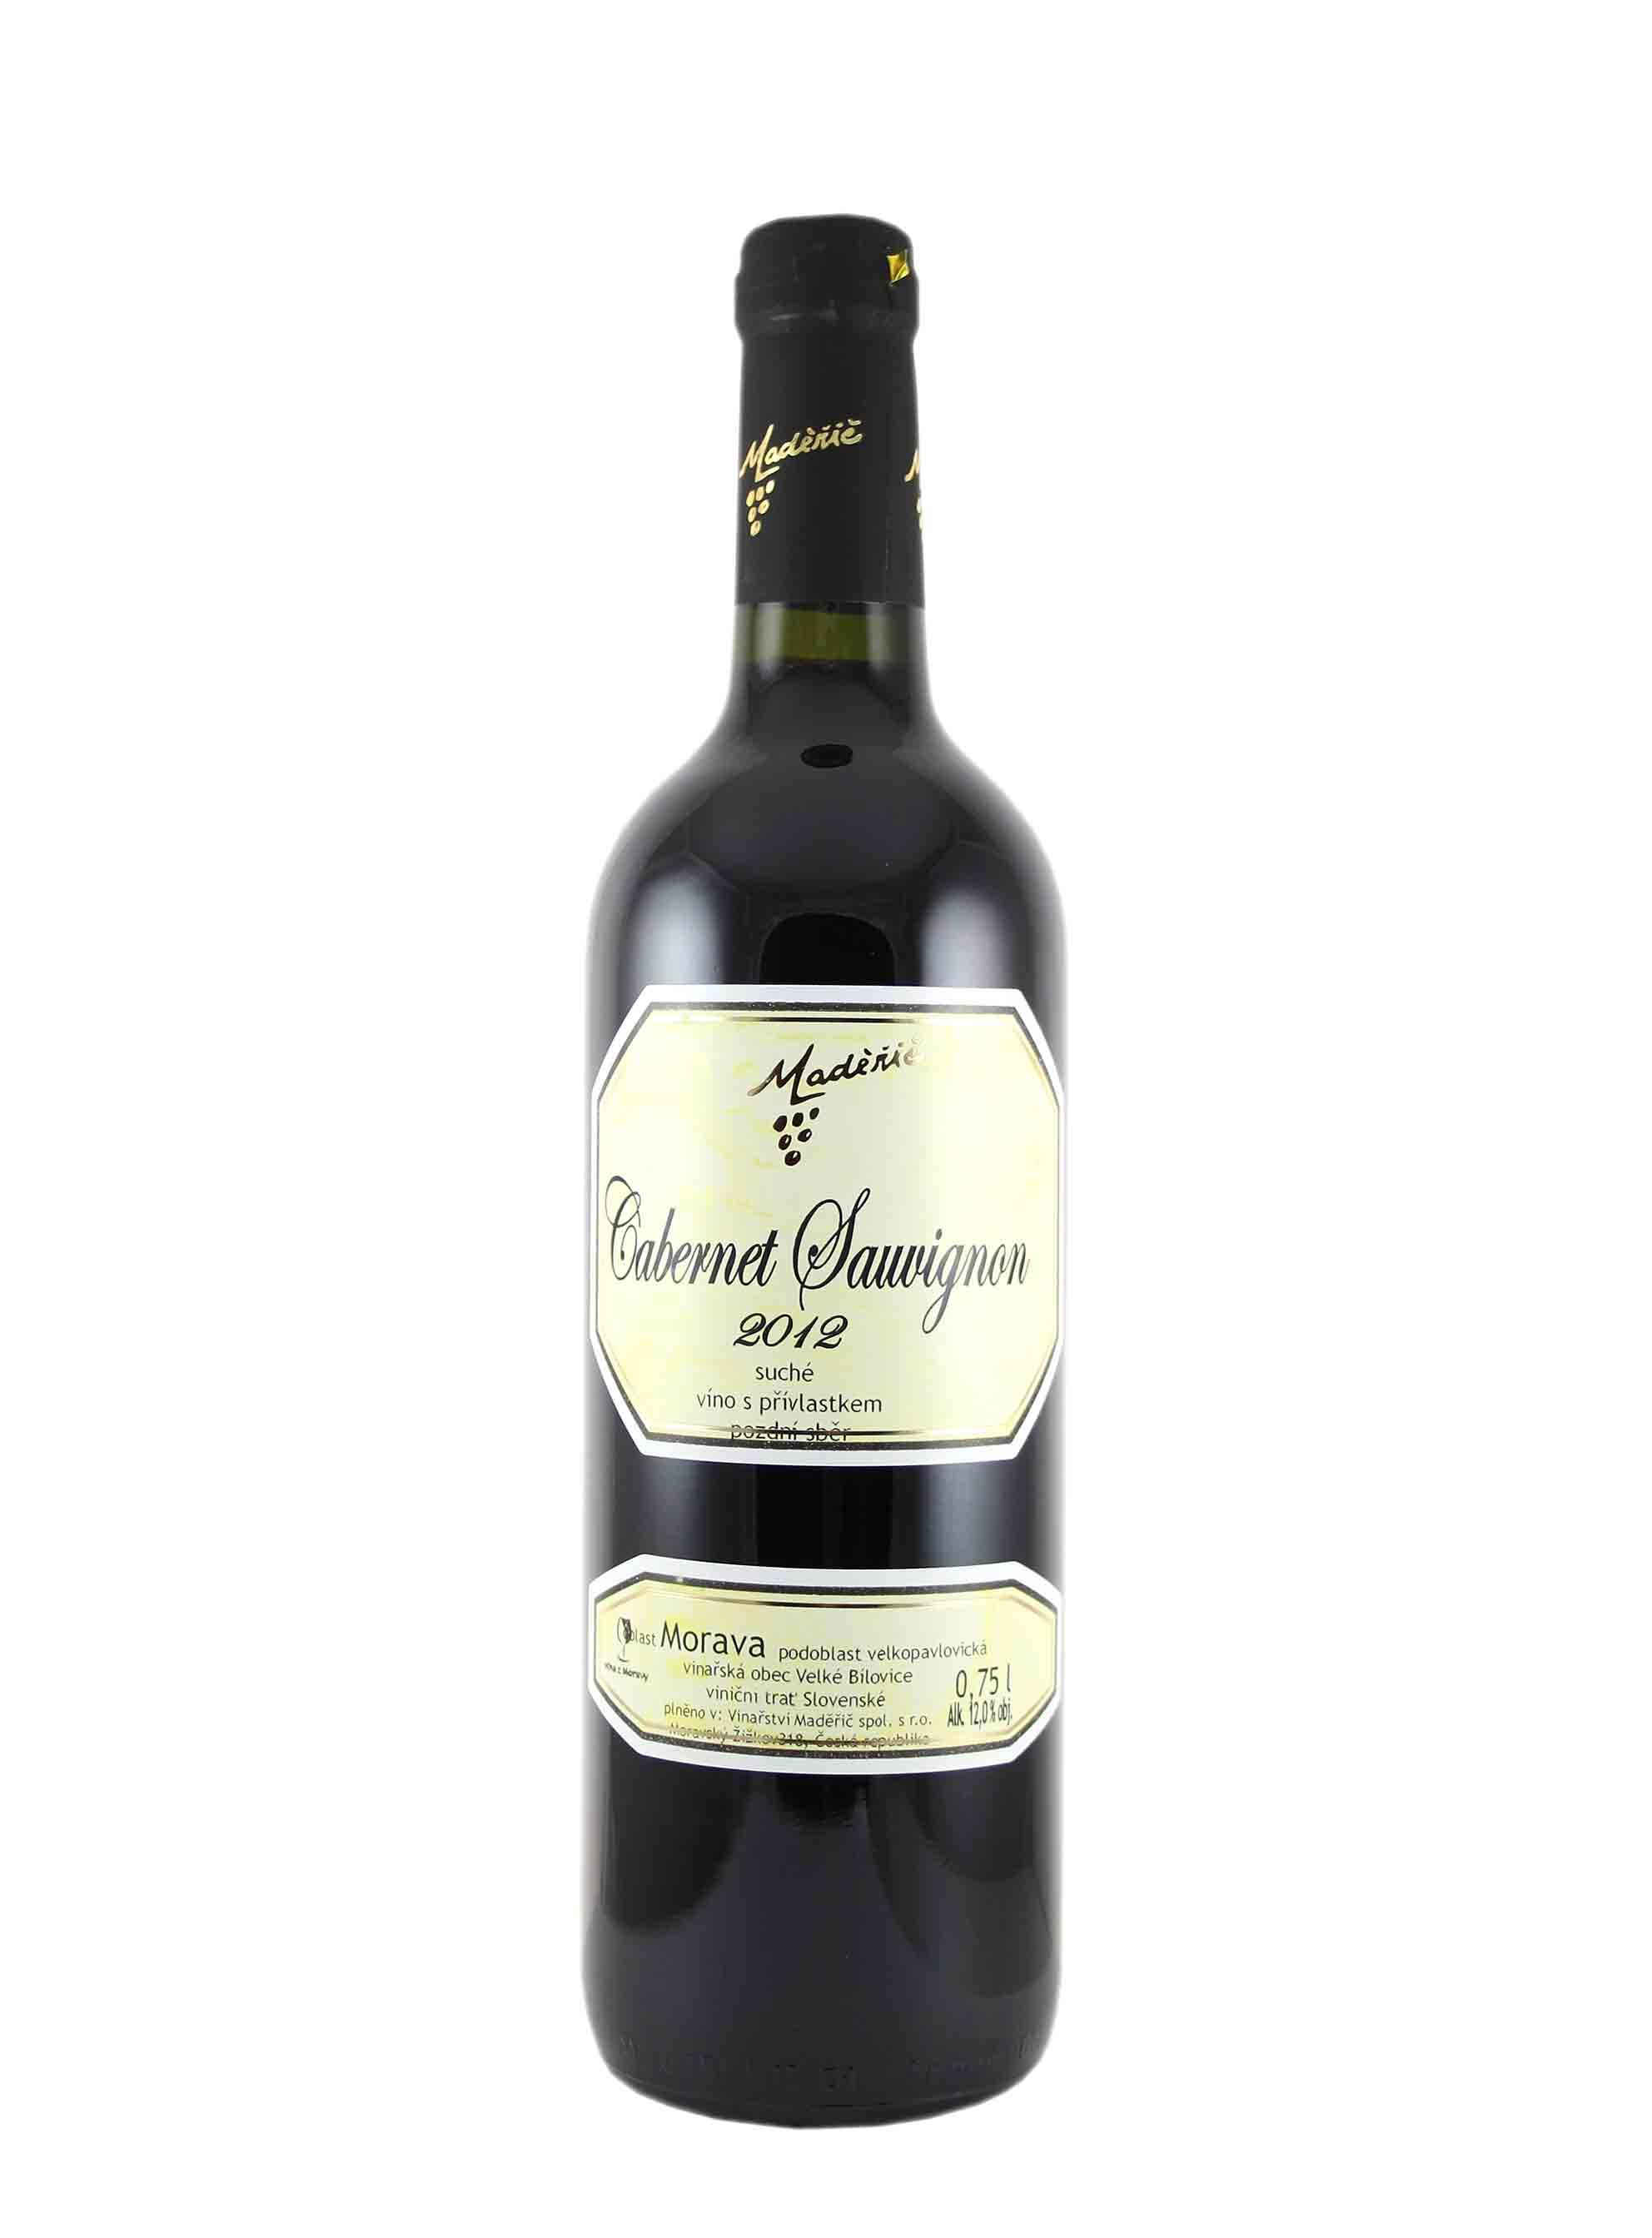 Cabernet Sauvignon, Pozdní sběr, 2012, Vinařství Ludvík Maděřič, 0.75 l